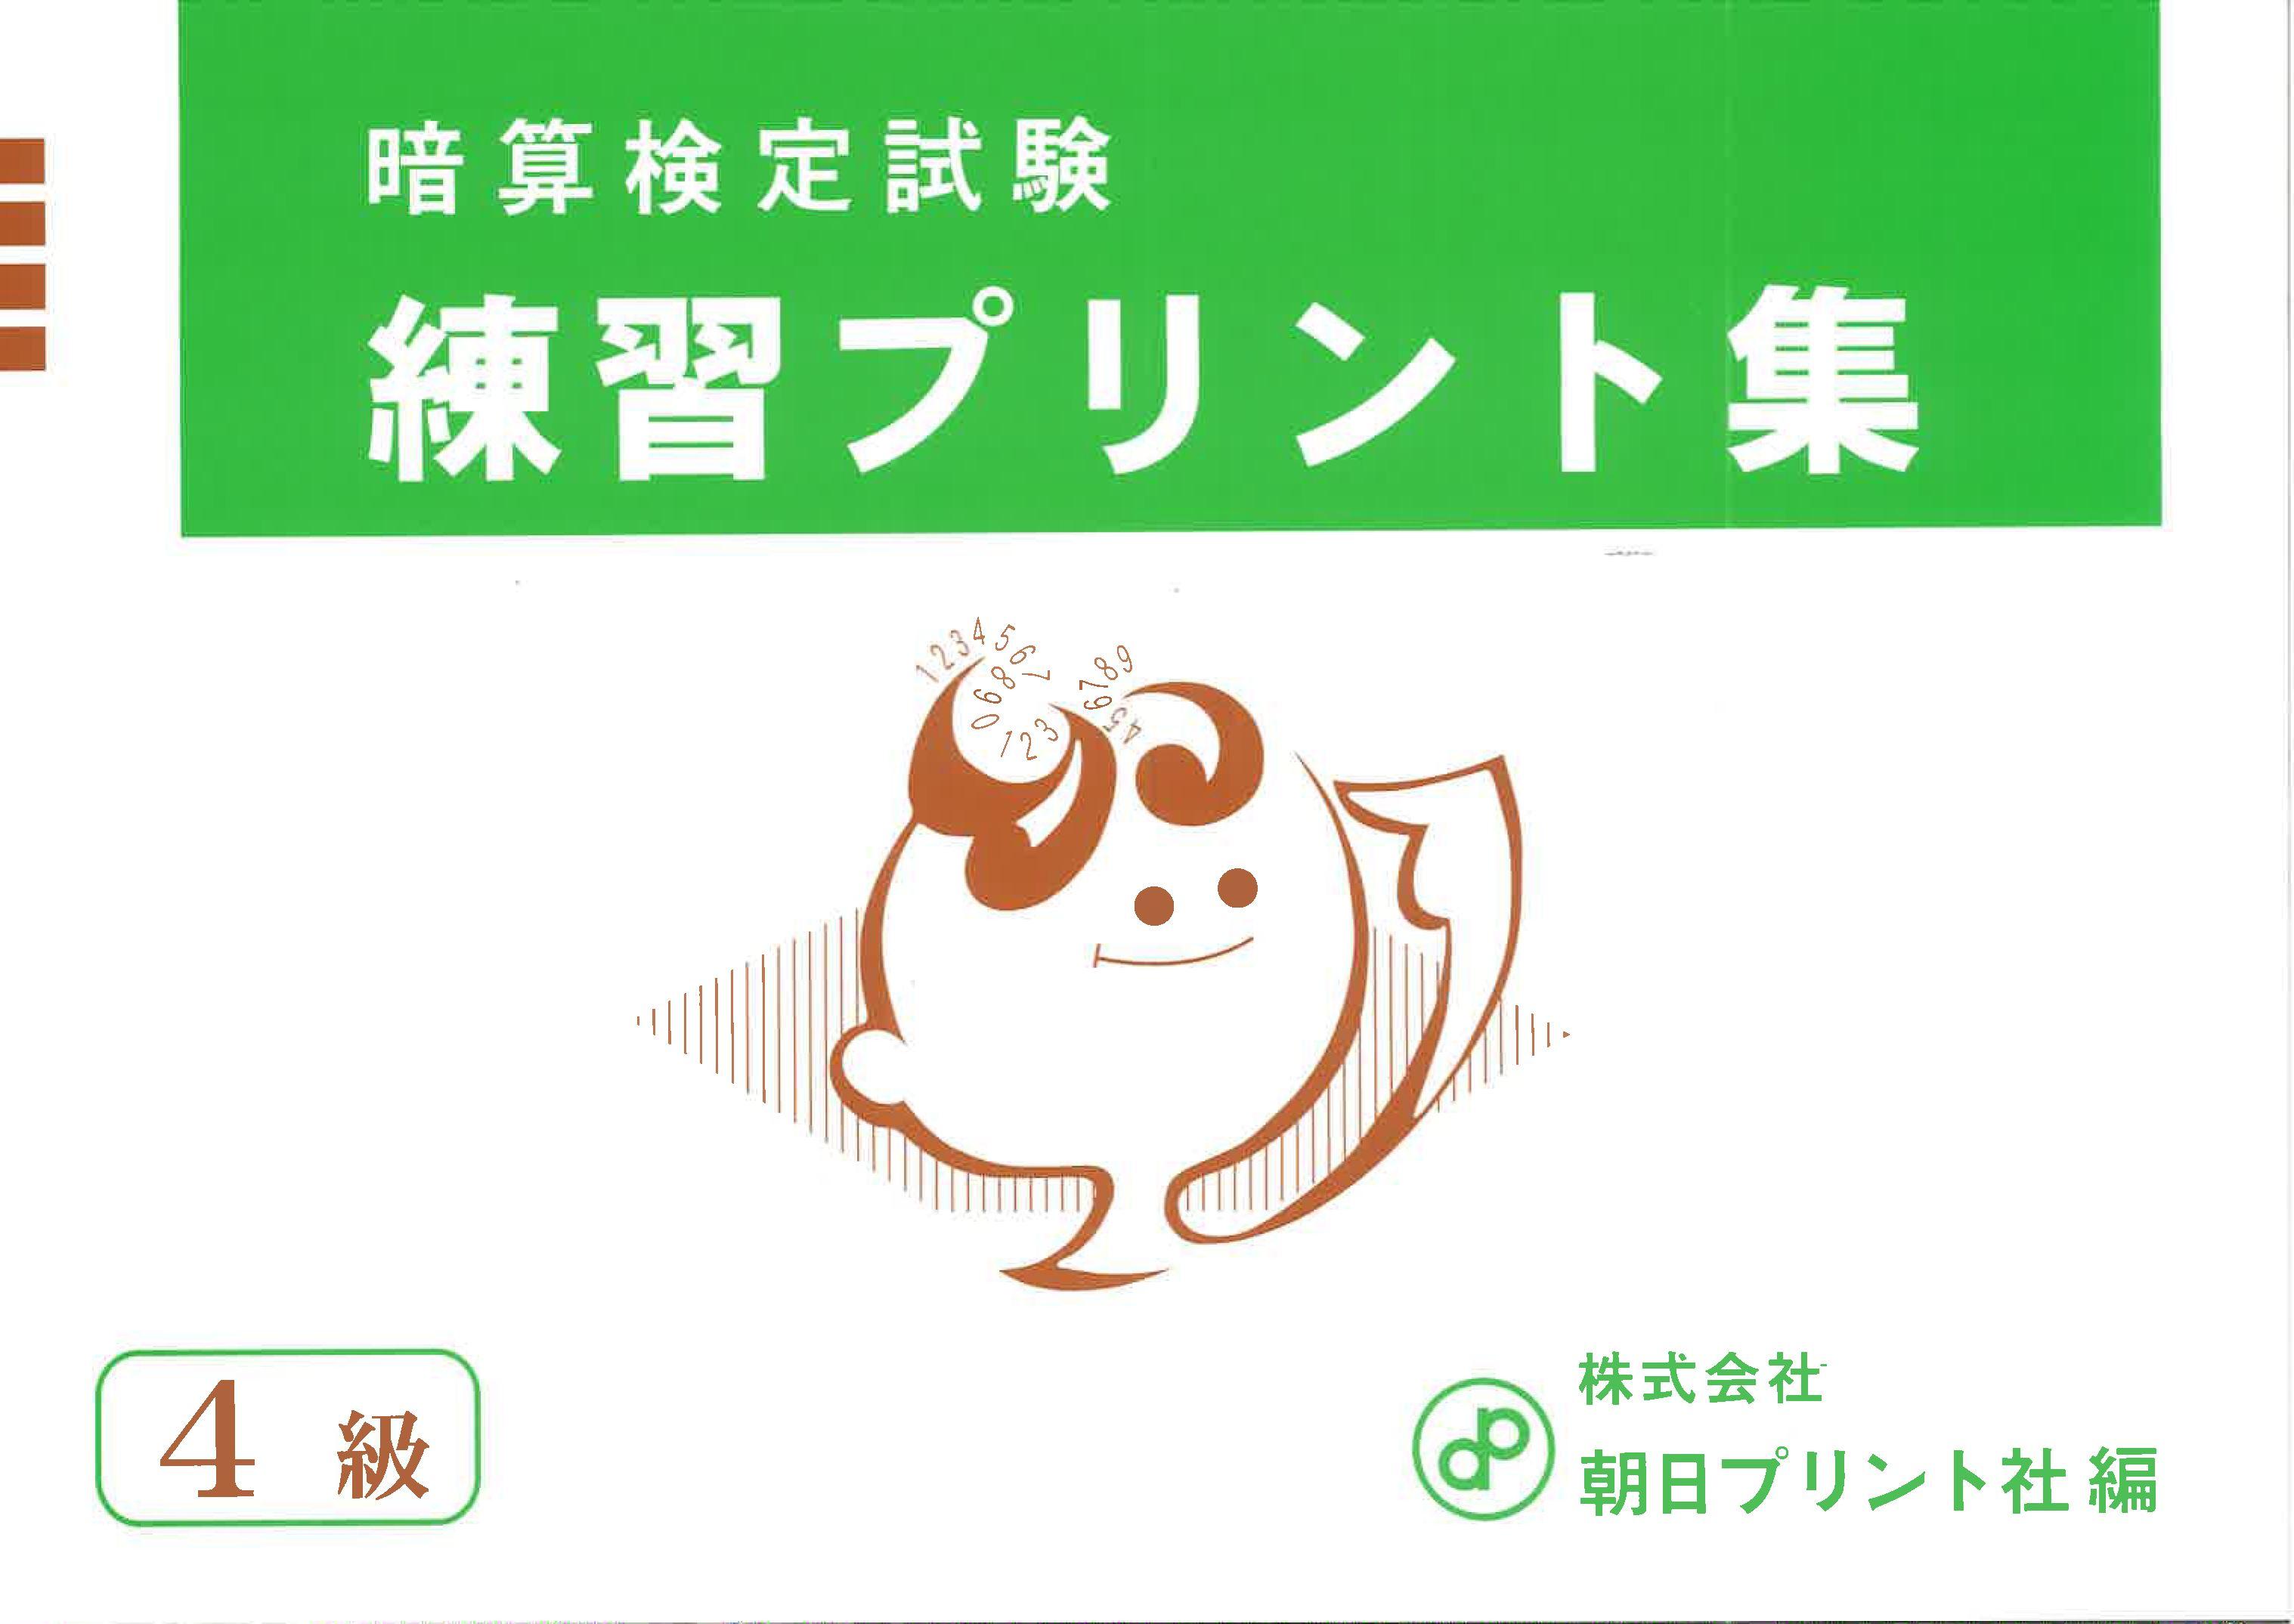 (旧) 日珠連 暗検プリント集 4級